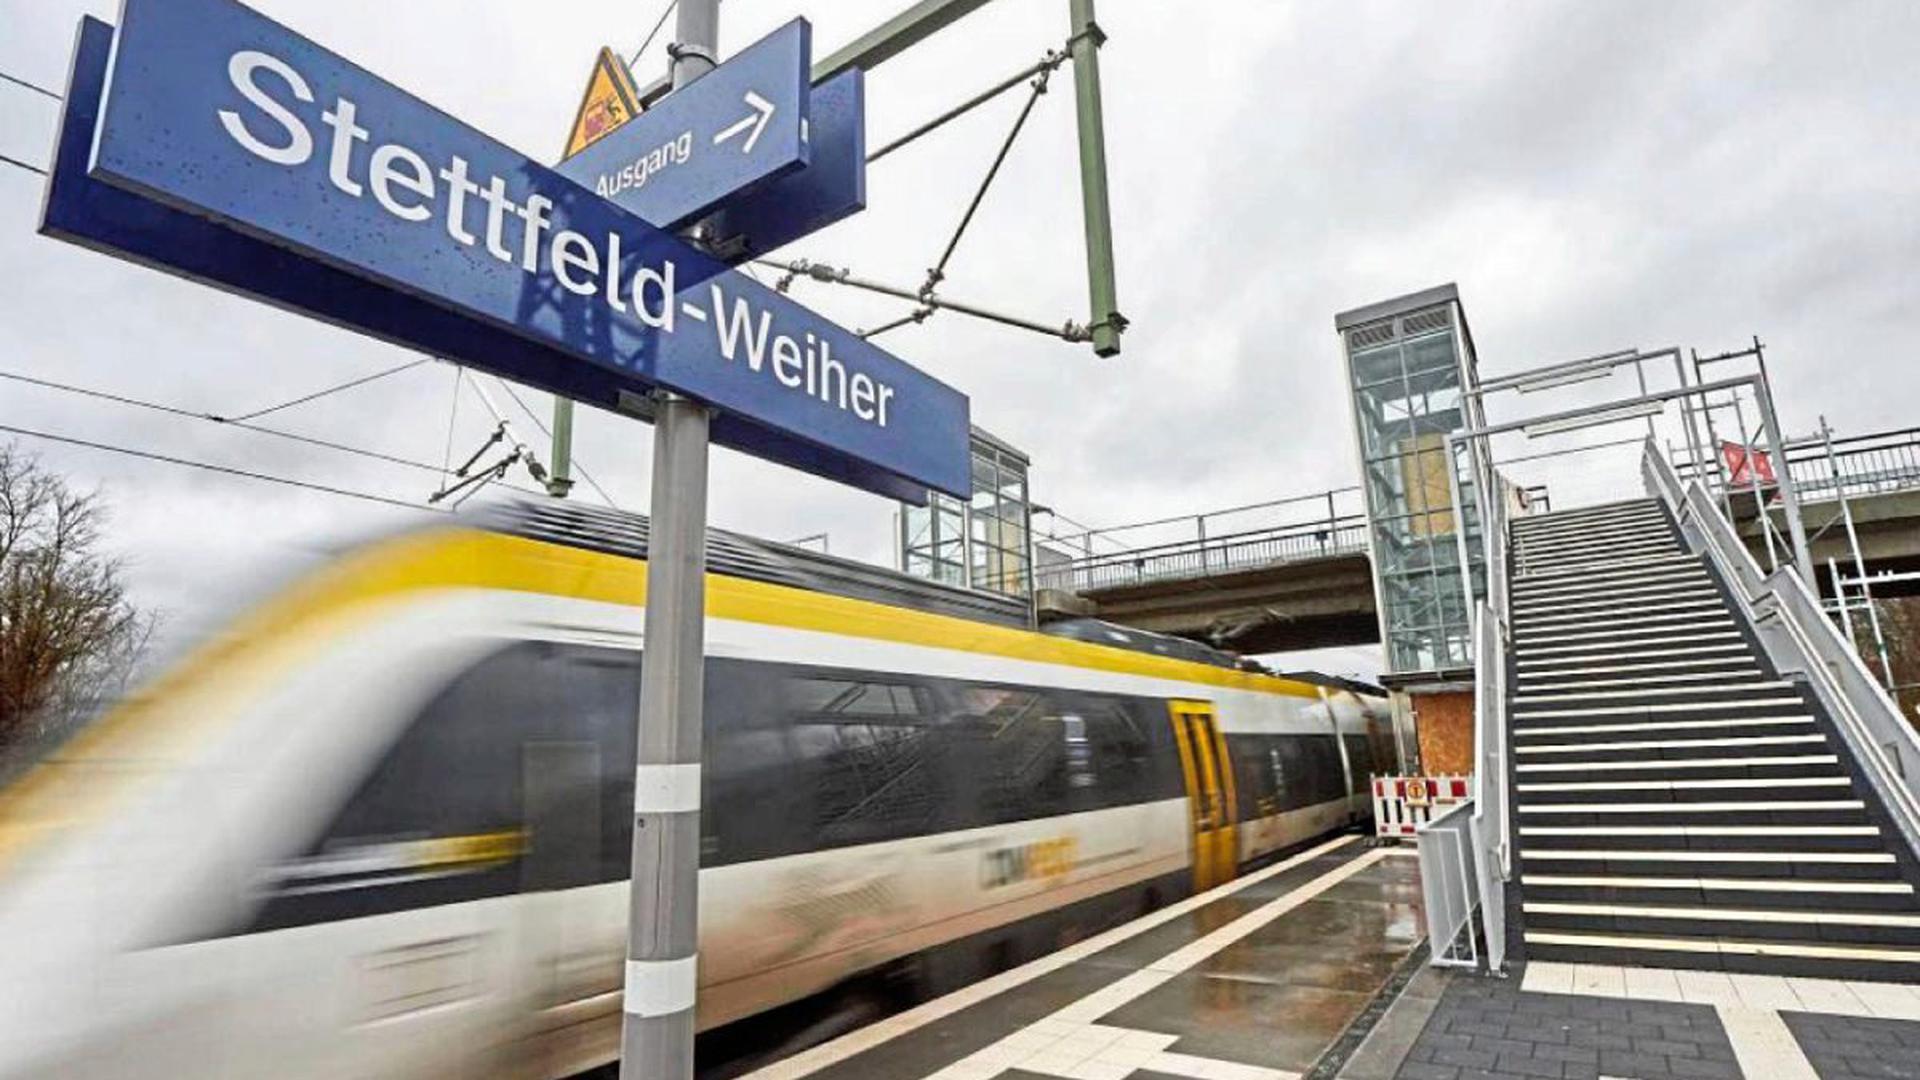 """Viel gebaut auf der """"grünen Wiese"""" wurde für den neuen Haltepunkt Stettfeld-Weiher an der Bahnlinie Bruchsal-Heidelberg. Zwischen den beiden Bahnsteigen sind 70 Stufen zu überwinden. Die Fahrstühle sind noch nicht in Betrieb, wenn die Züge ab Sonntag halten. Ubstadt-Weiher legte eine Zufahrtsstraße und Parkplätze an."""